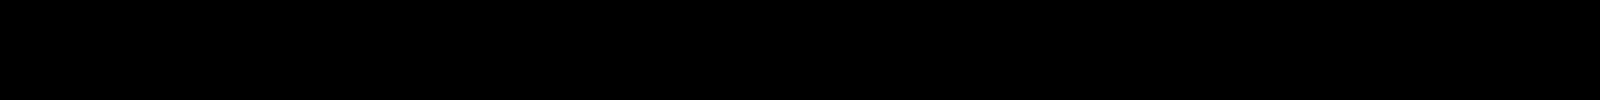 Robocop Tag Fontstruct